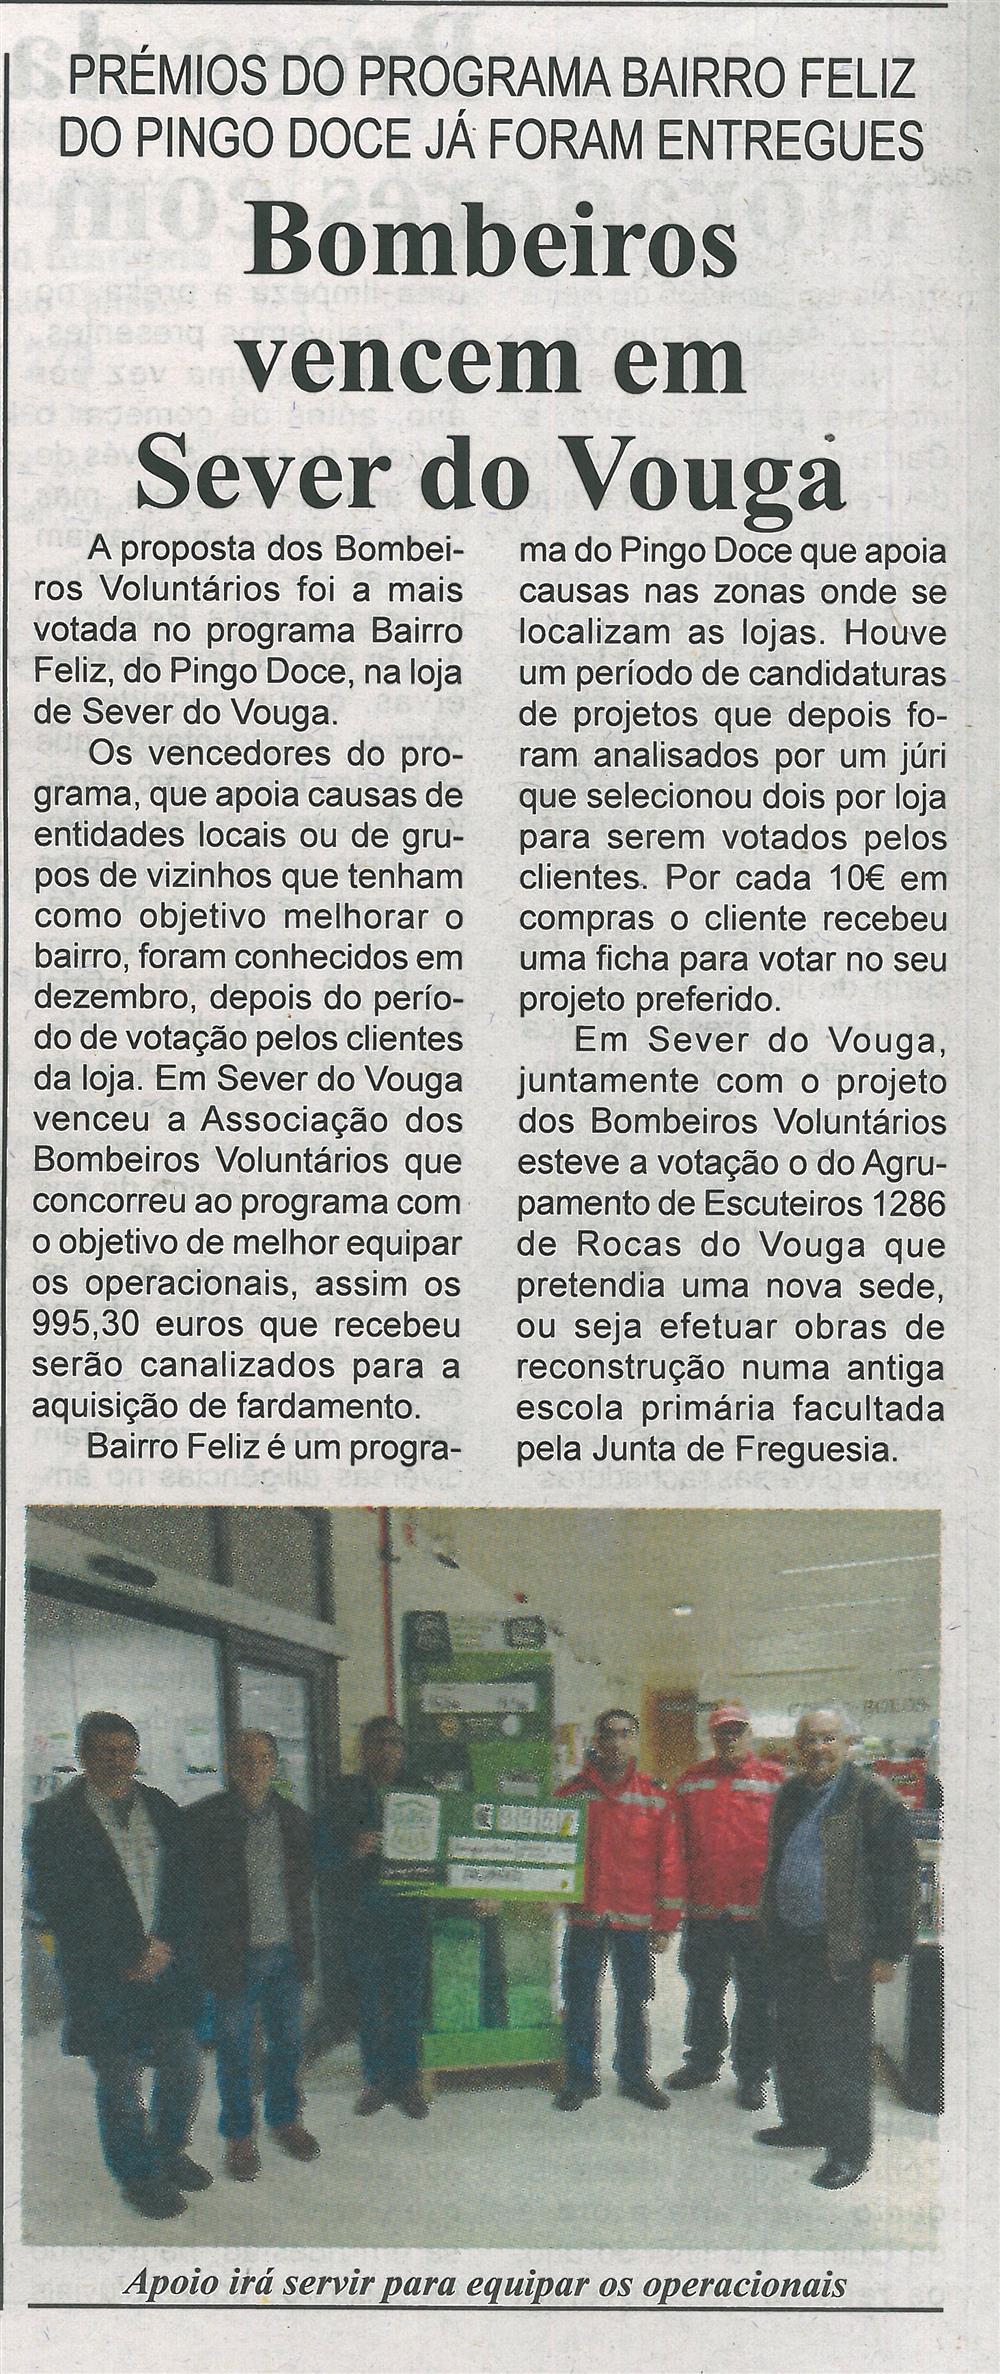 BV-2.ªjan.'20-p.8-Bombeiros vencem em Sever do Vouga : prémios do programa 'Bairro feliz do Pingo Doce' já foram entregues.jpg